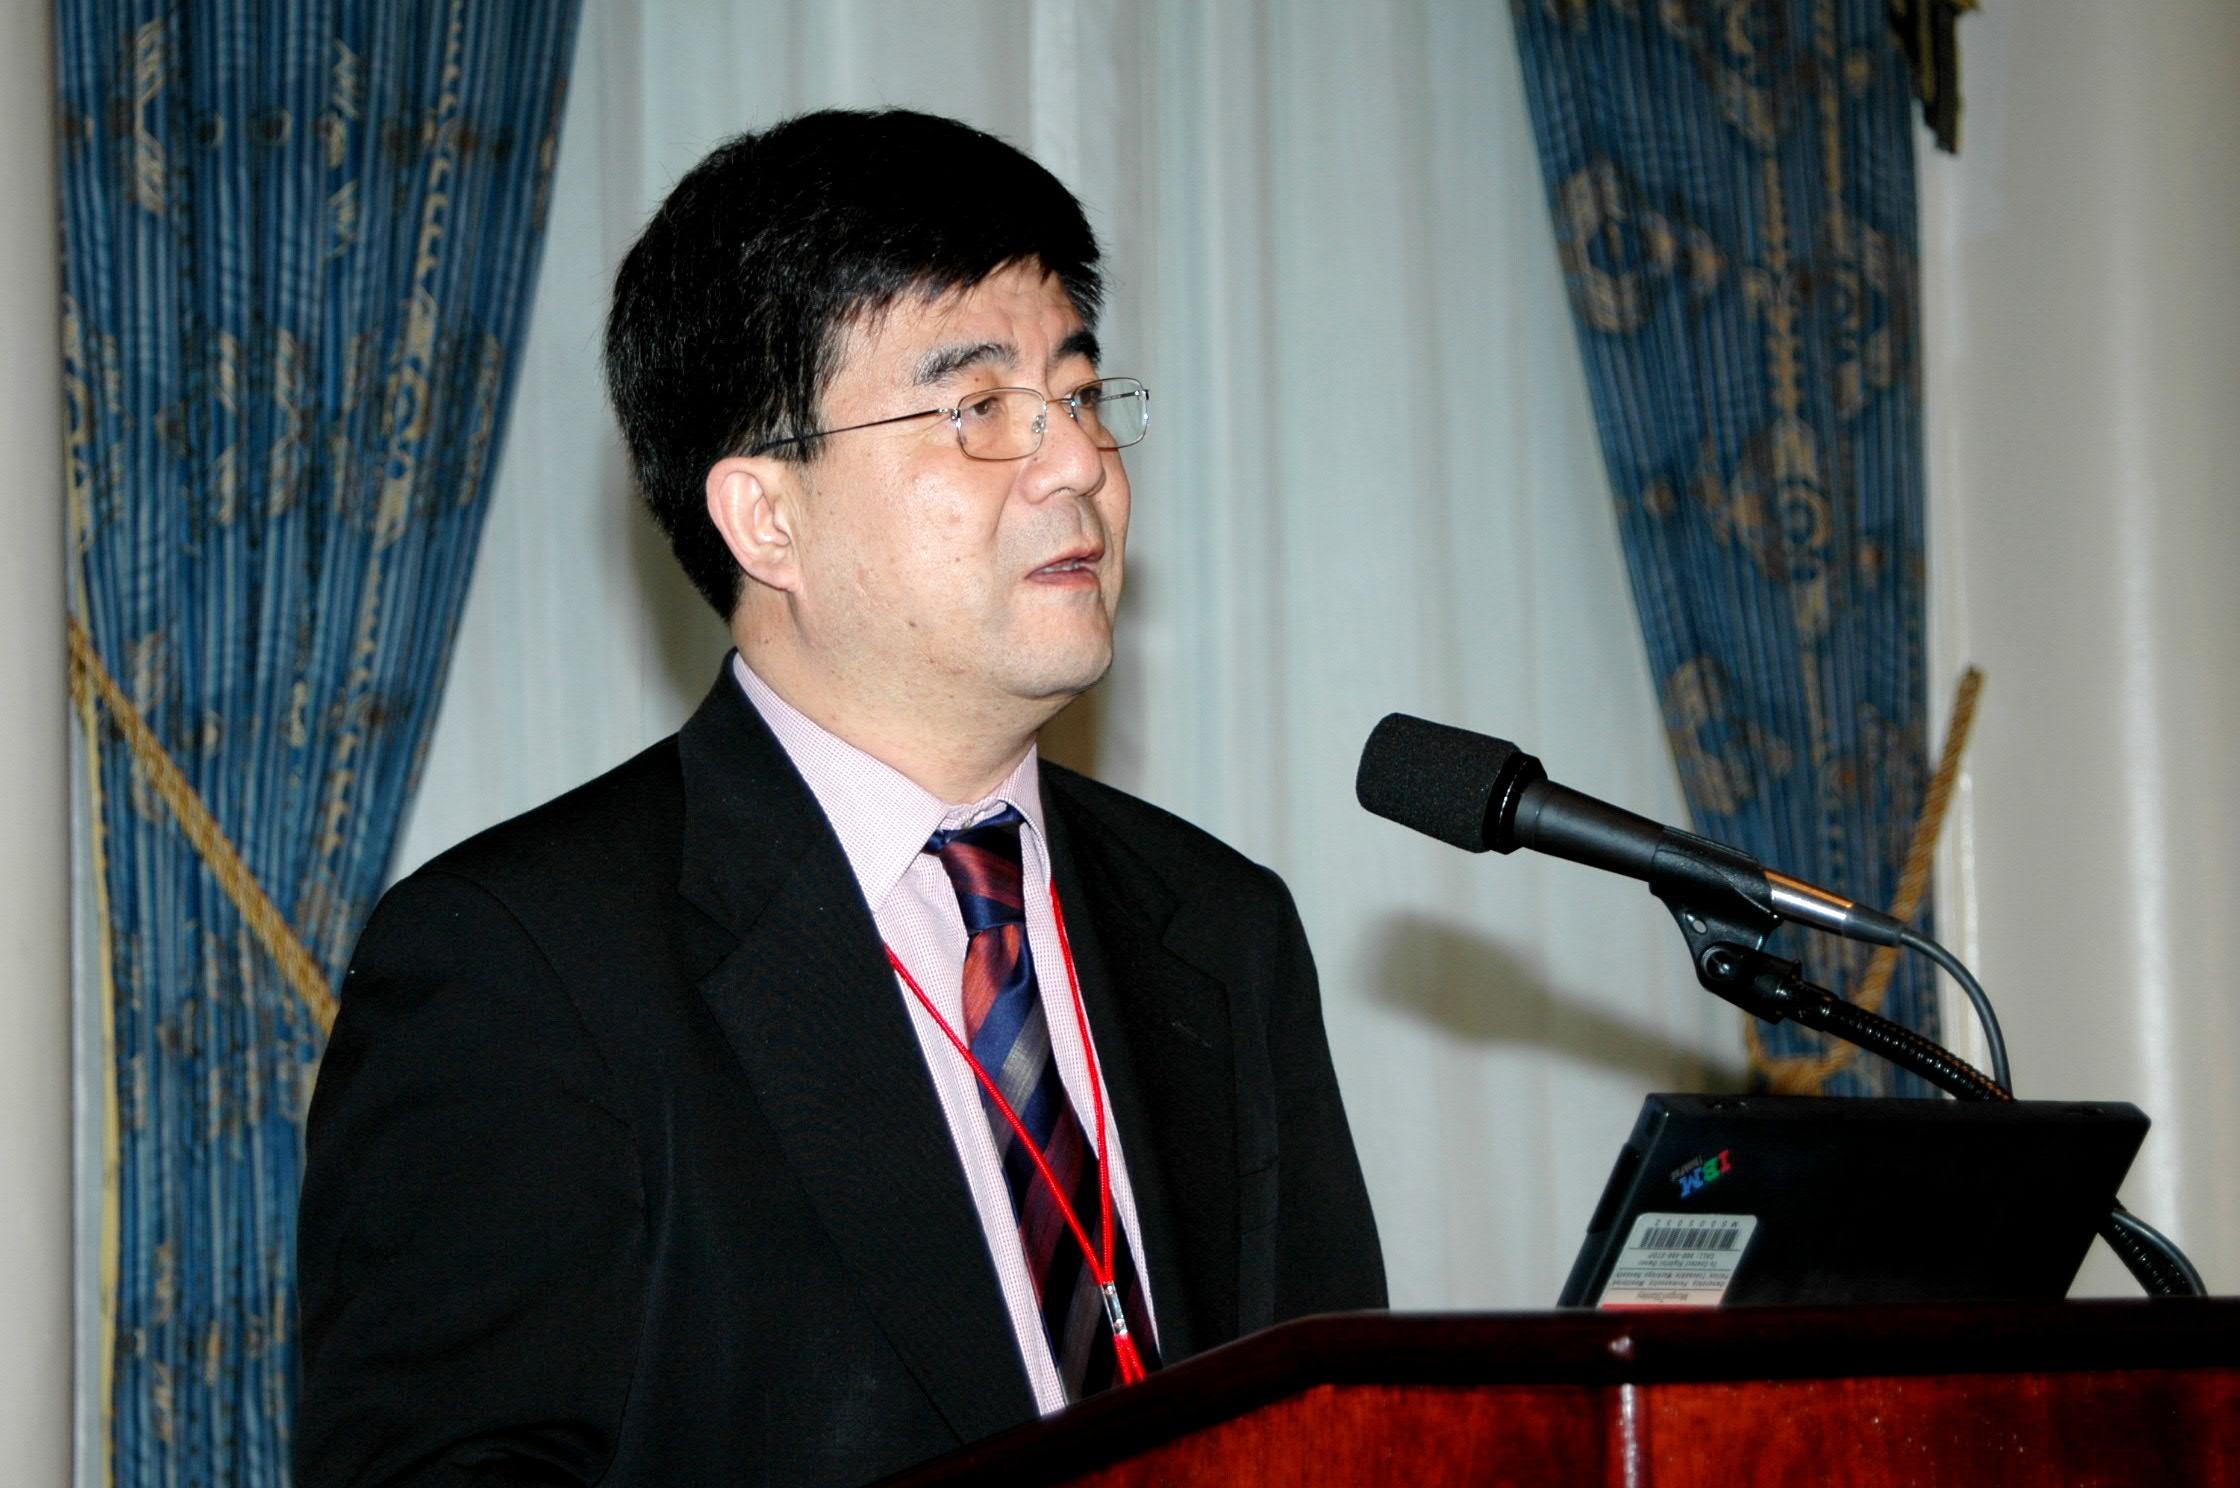 中国经济50人论坛成员,北京大学中国经济研究中心副主任海闻教授经